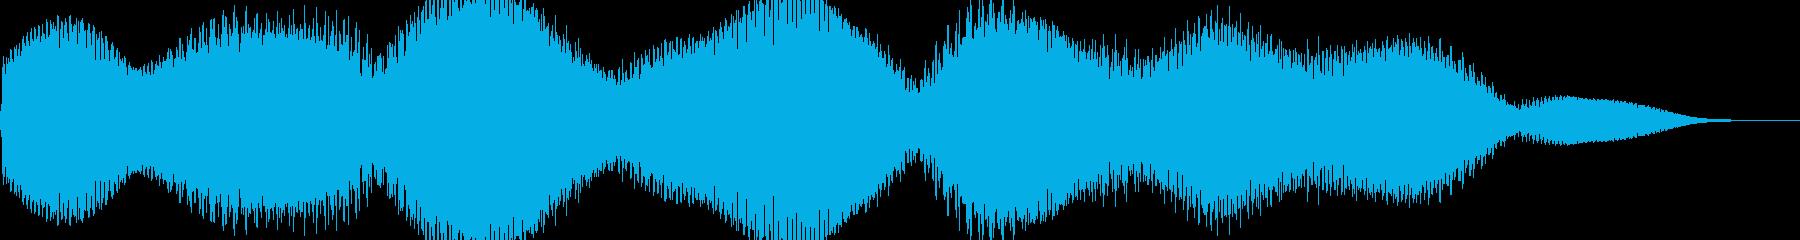 モワーンモワーンってやつですの再生済みの波形